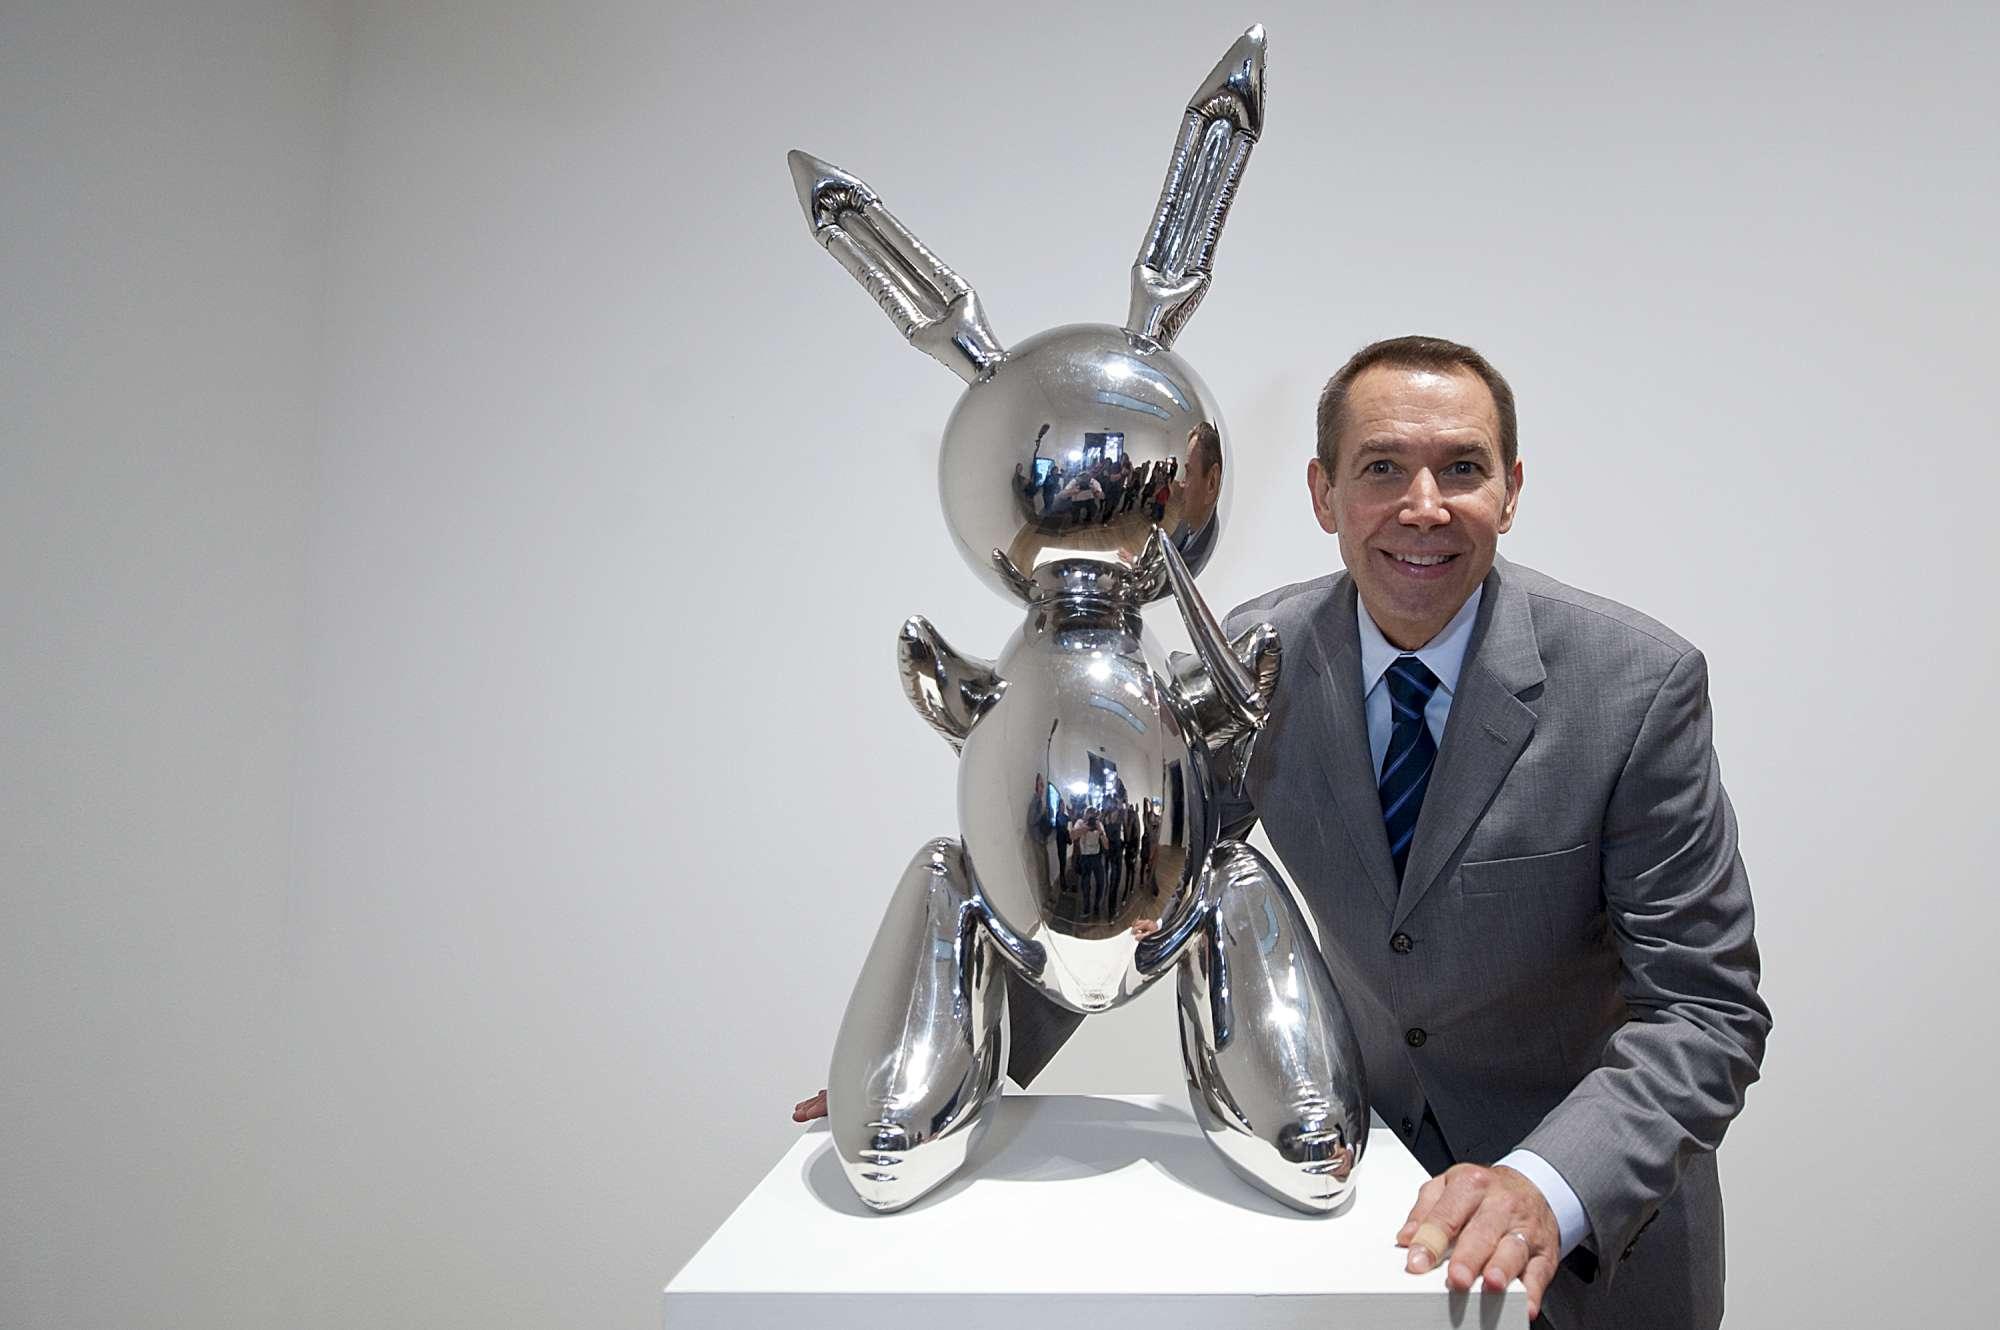 Il coniglio di Koons venduto all asta per oltre 90 milioni di dollari